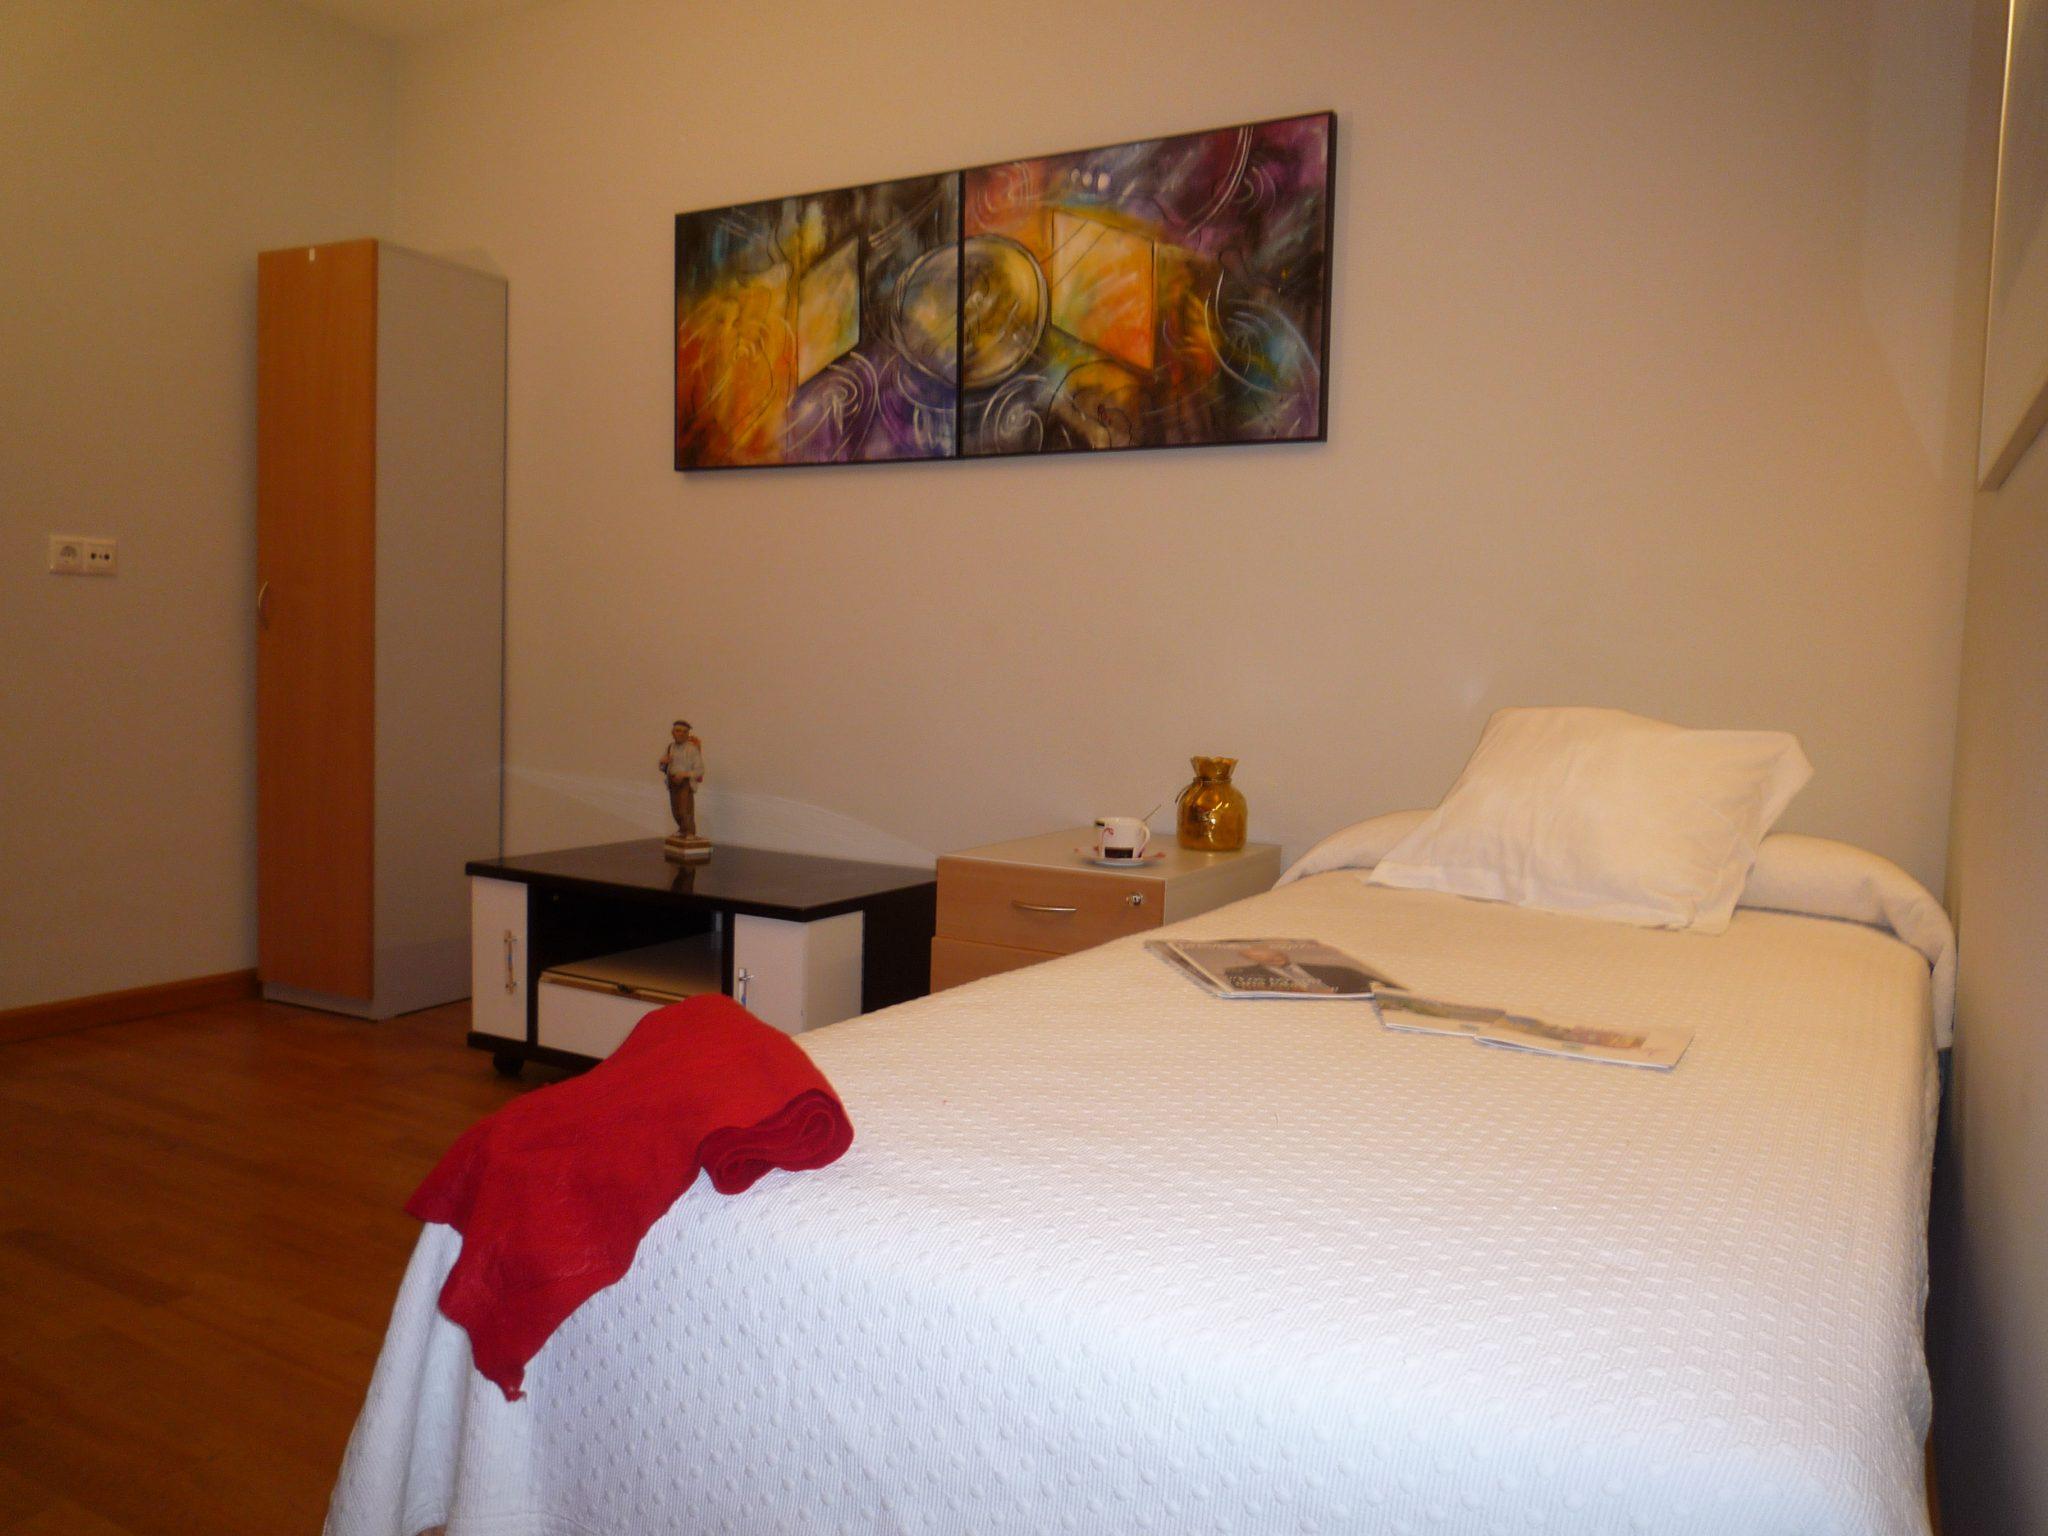 Apartamentos le n cama sencilla for Cama sencilla